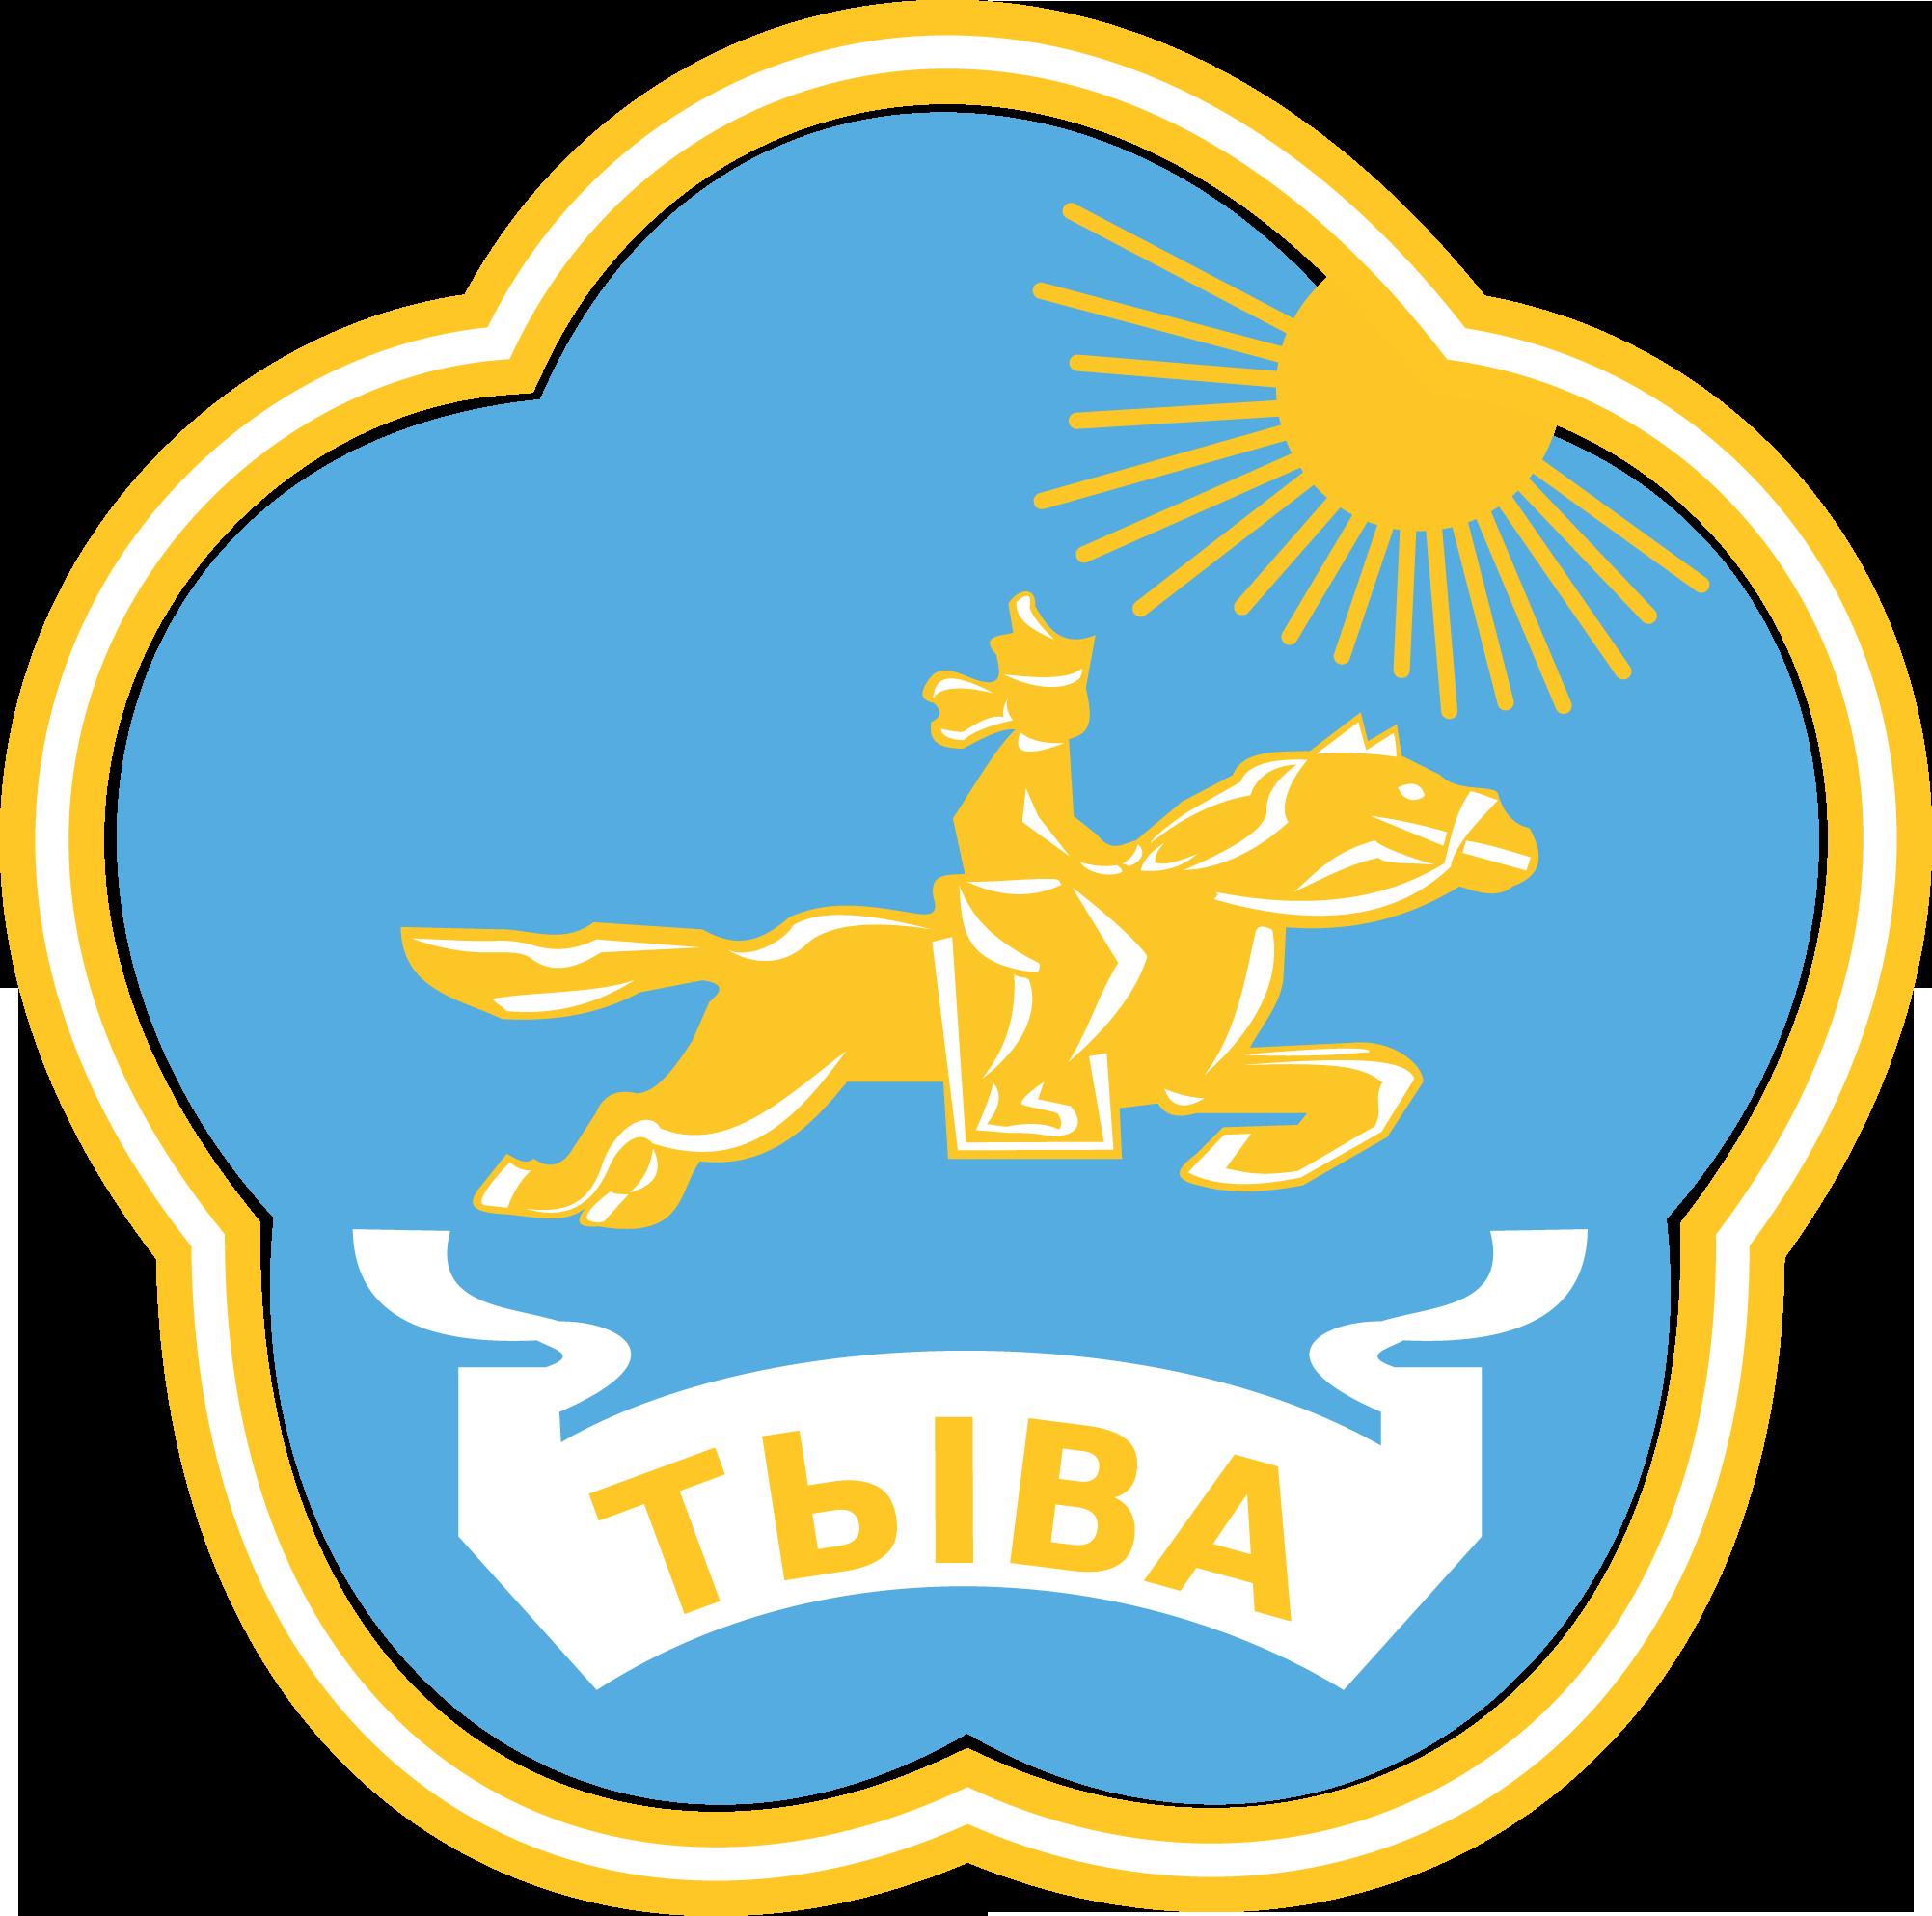 Министерство труда и социальной политики Республики Тыва